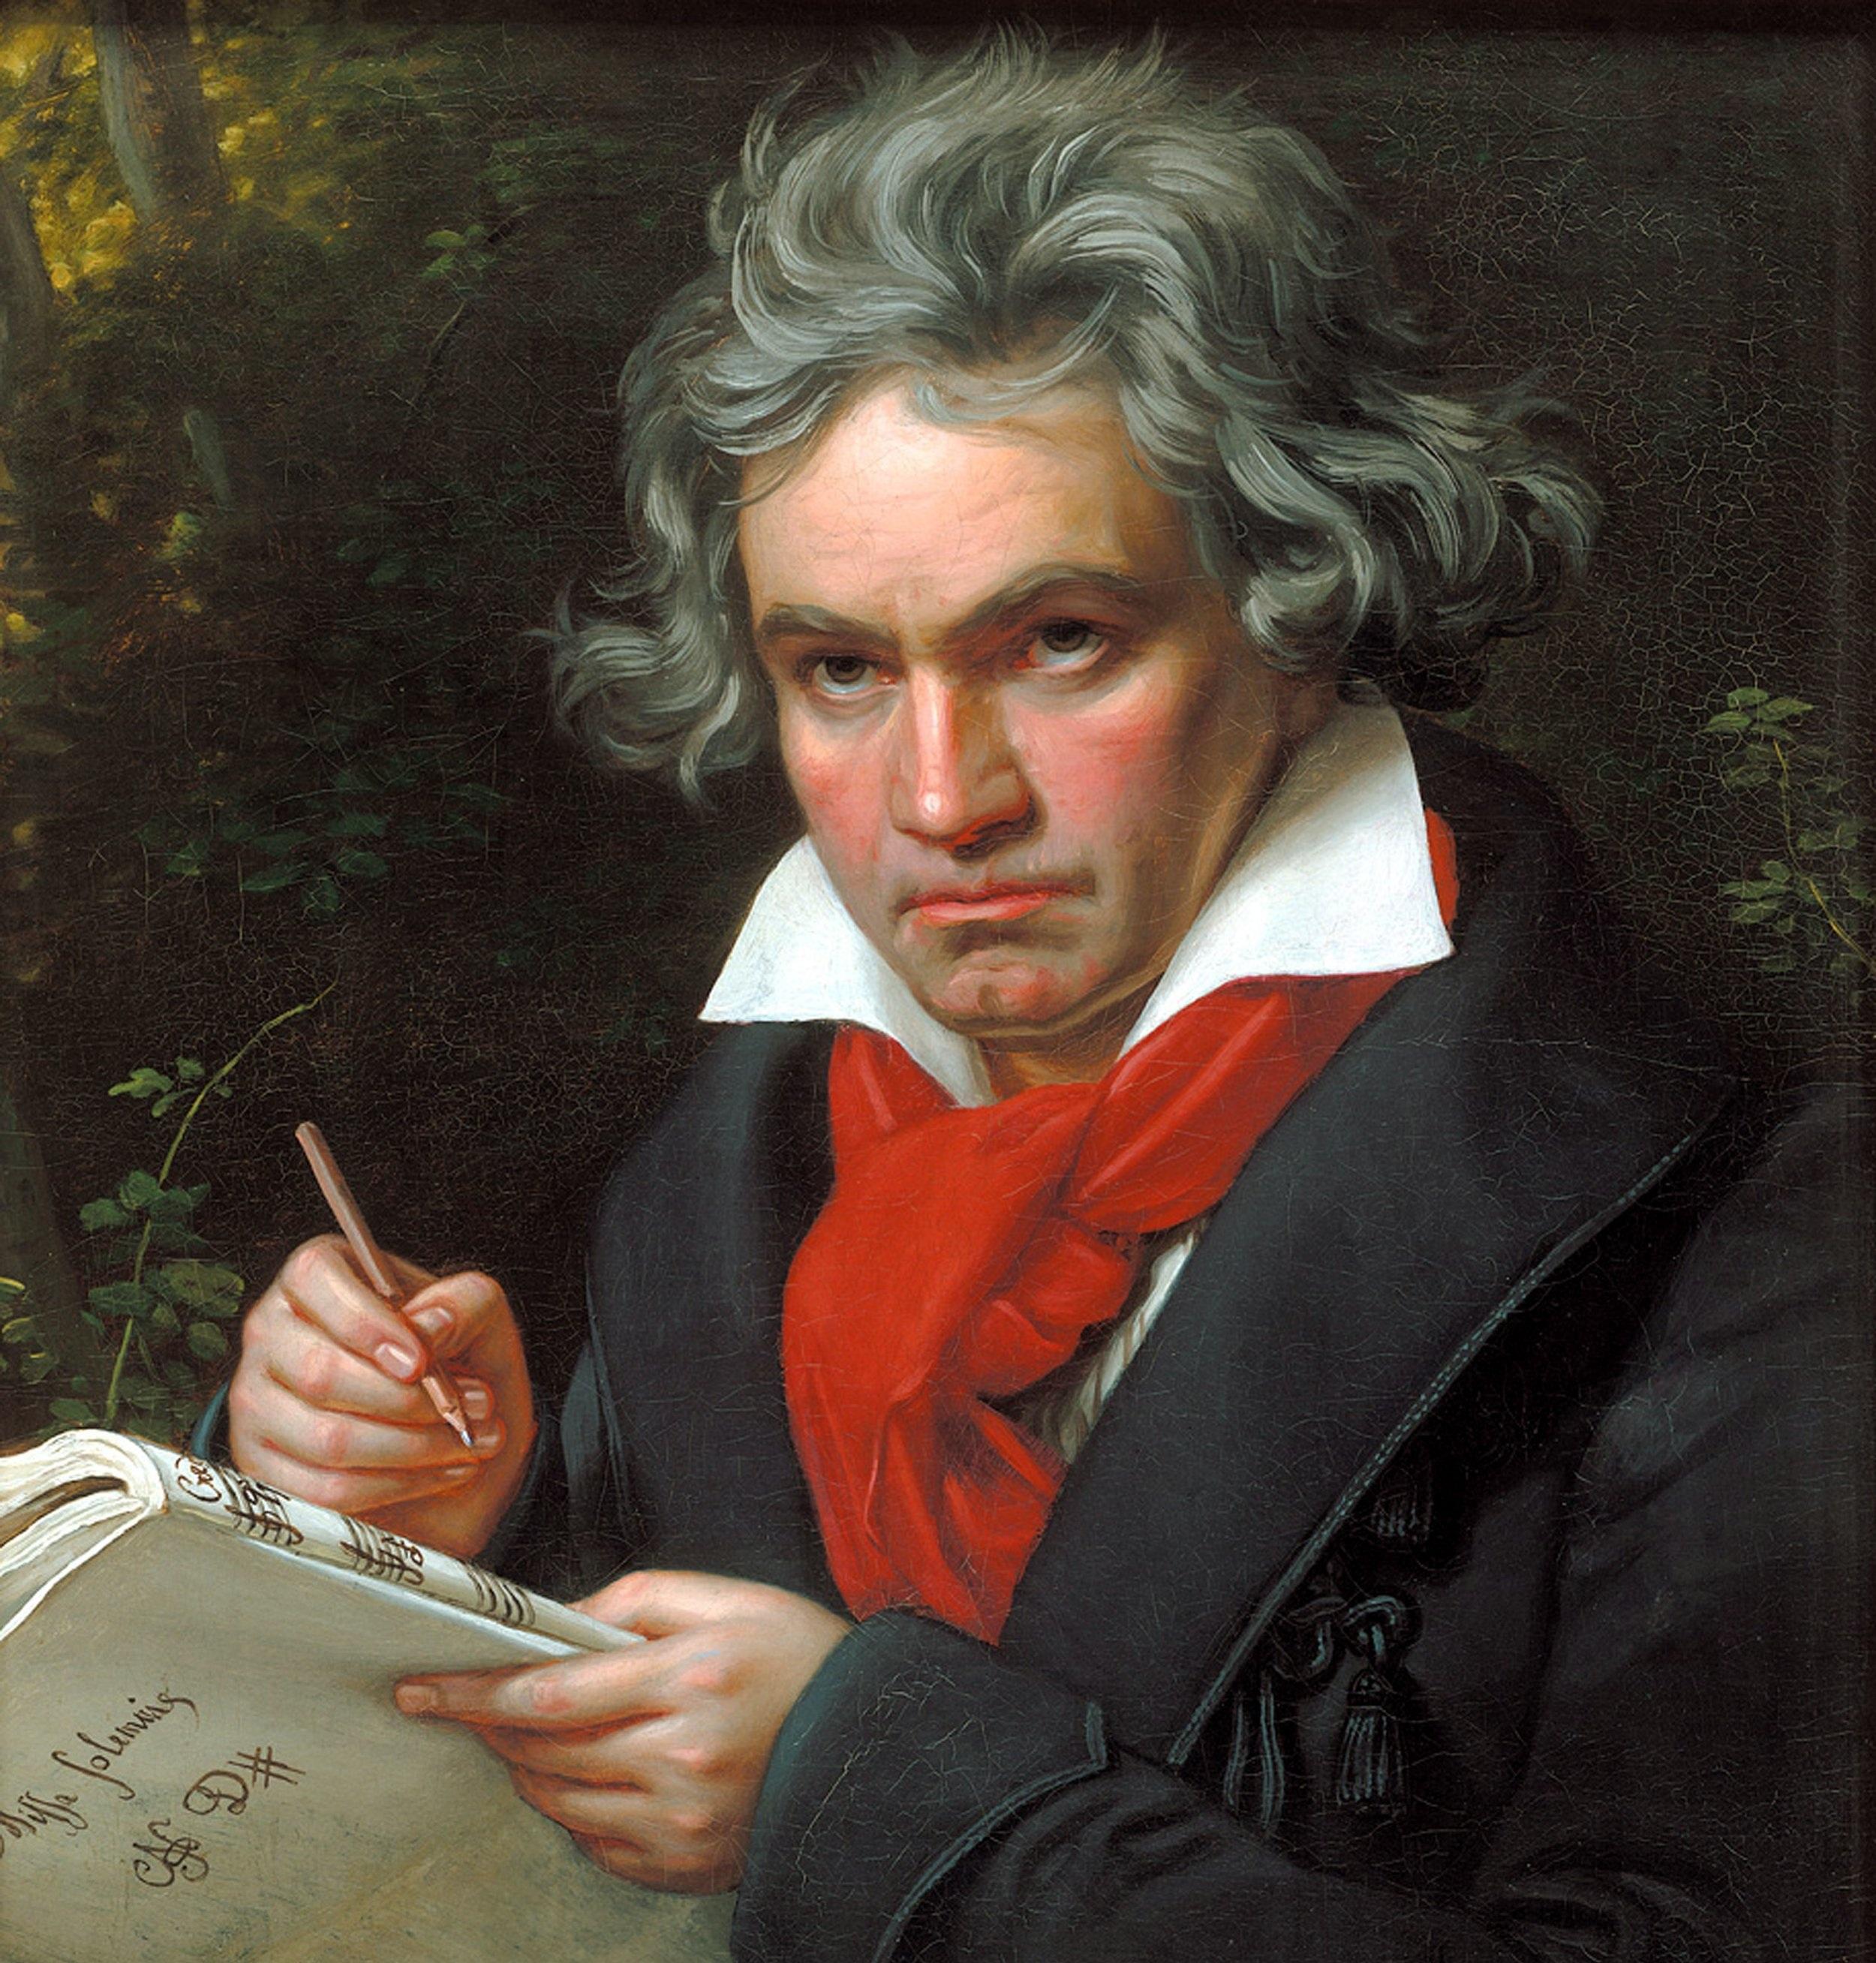 Painting of Ludwig van Beethoven